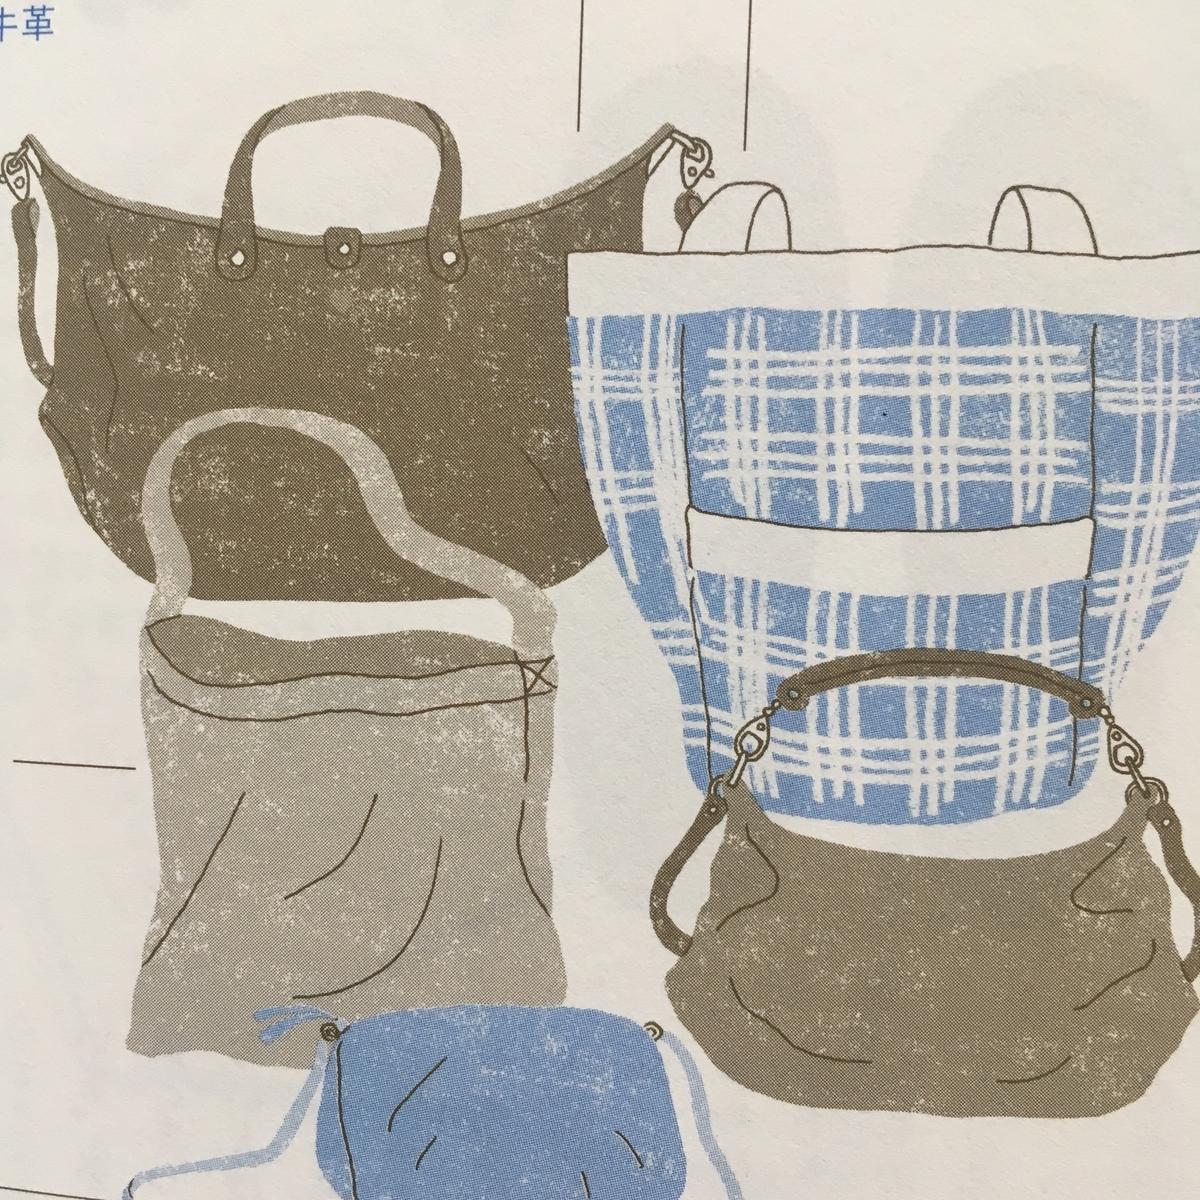 ミニマリスト 持ち物 バッグ かばん 鞄